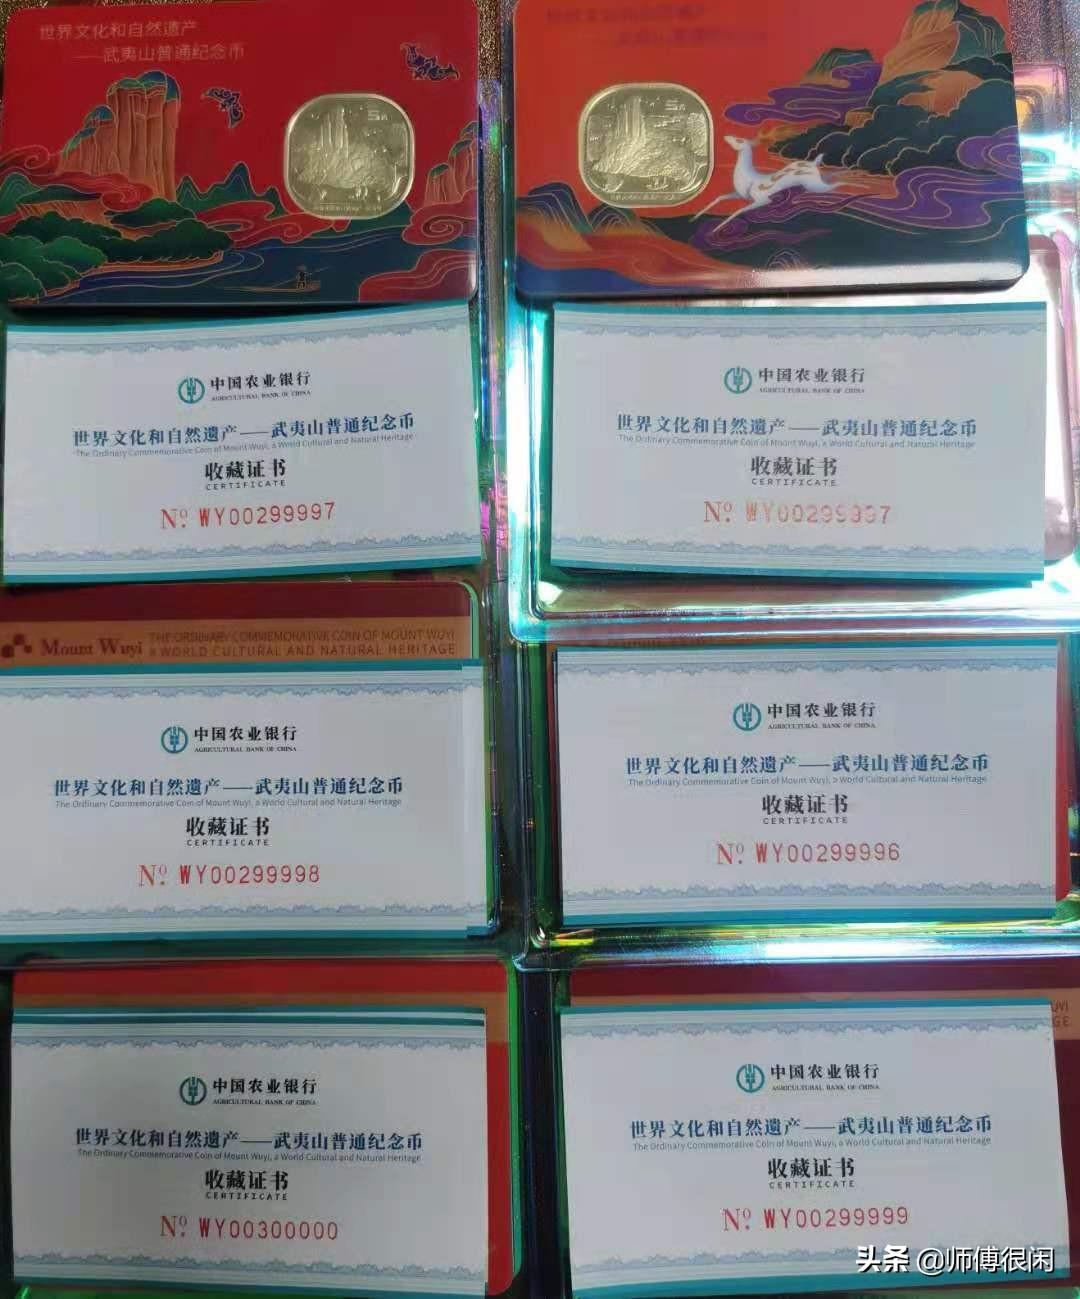 武夷山纪念币炒作进入第二阶段